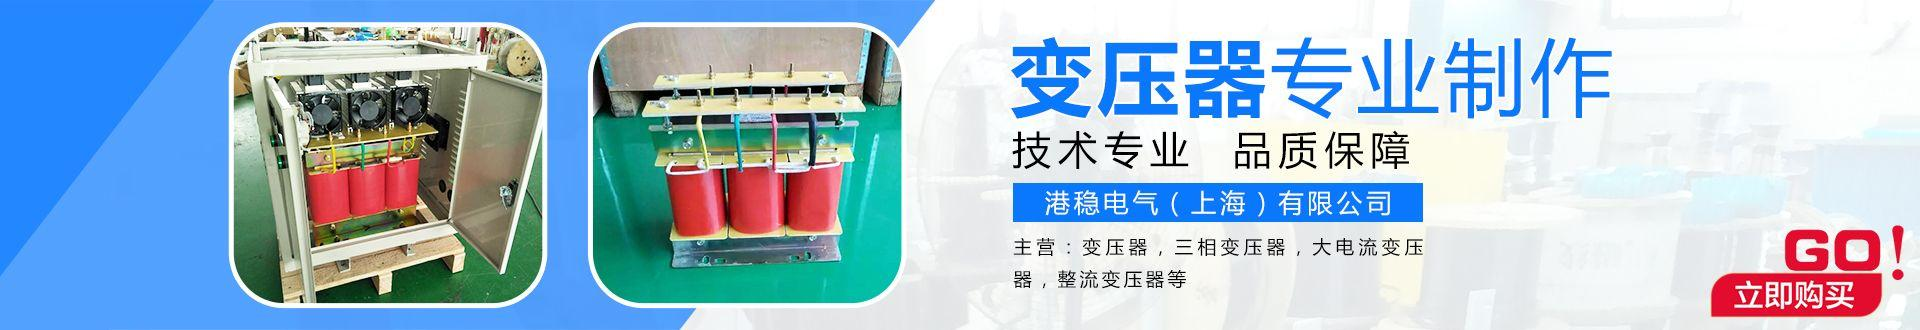 港稳电气(上海)有限公司